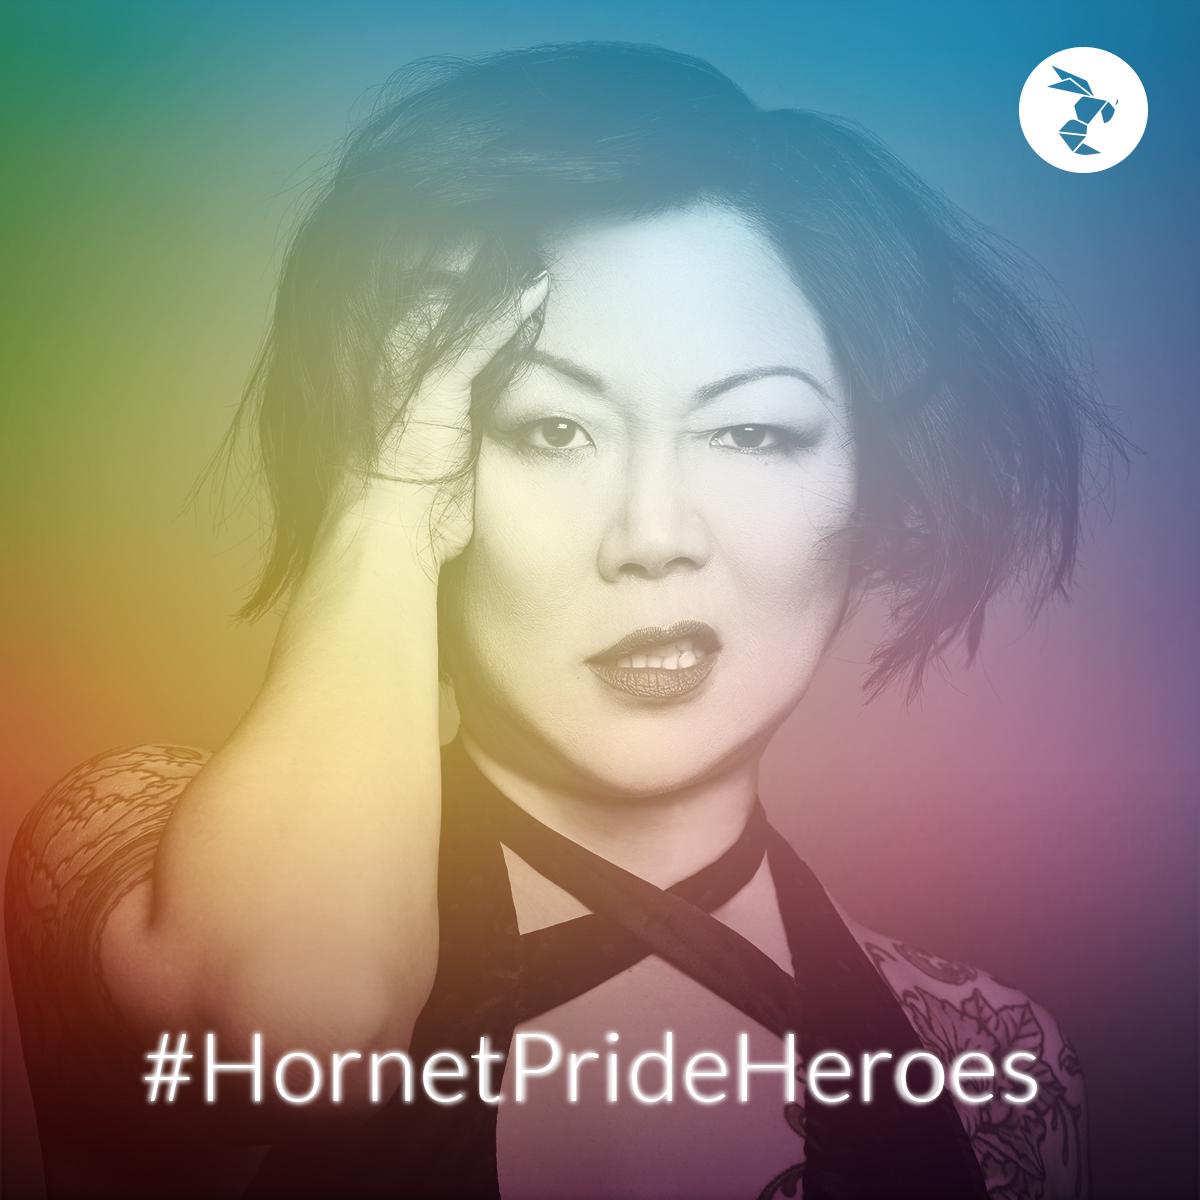 Hornet Pride Heroes margaret cho